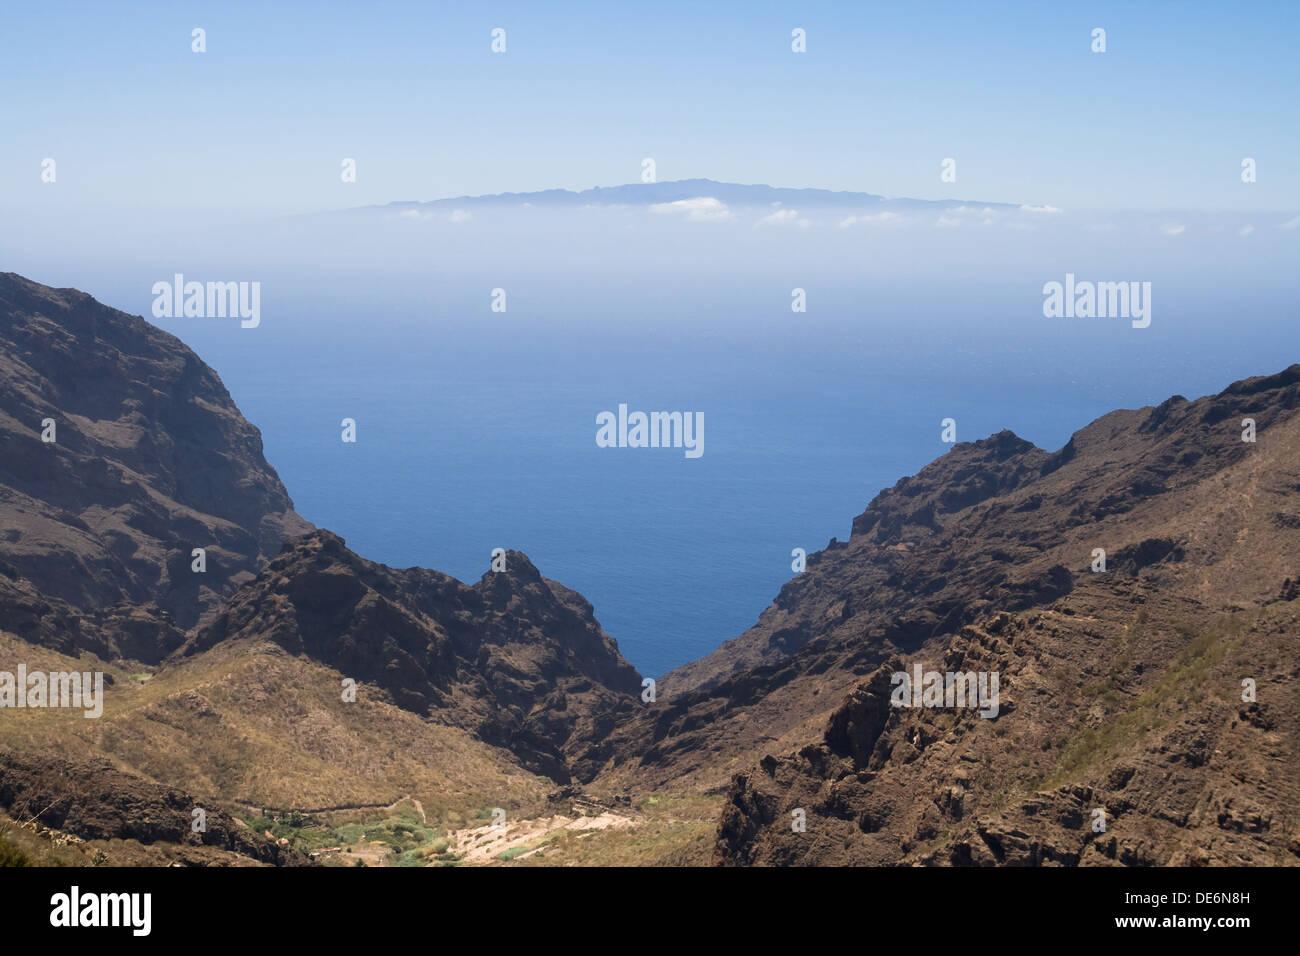 Barranco de Masca mit der Insel La Gomera im Hintergrund, Kanarische Inseln. Stockbild